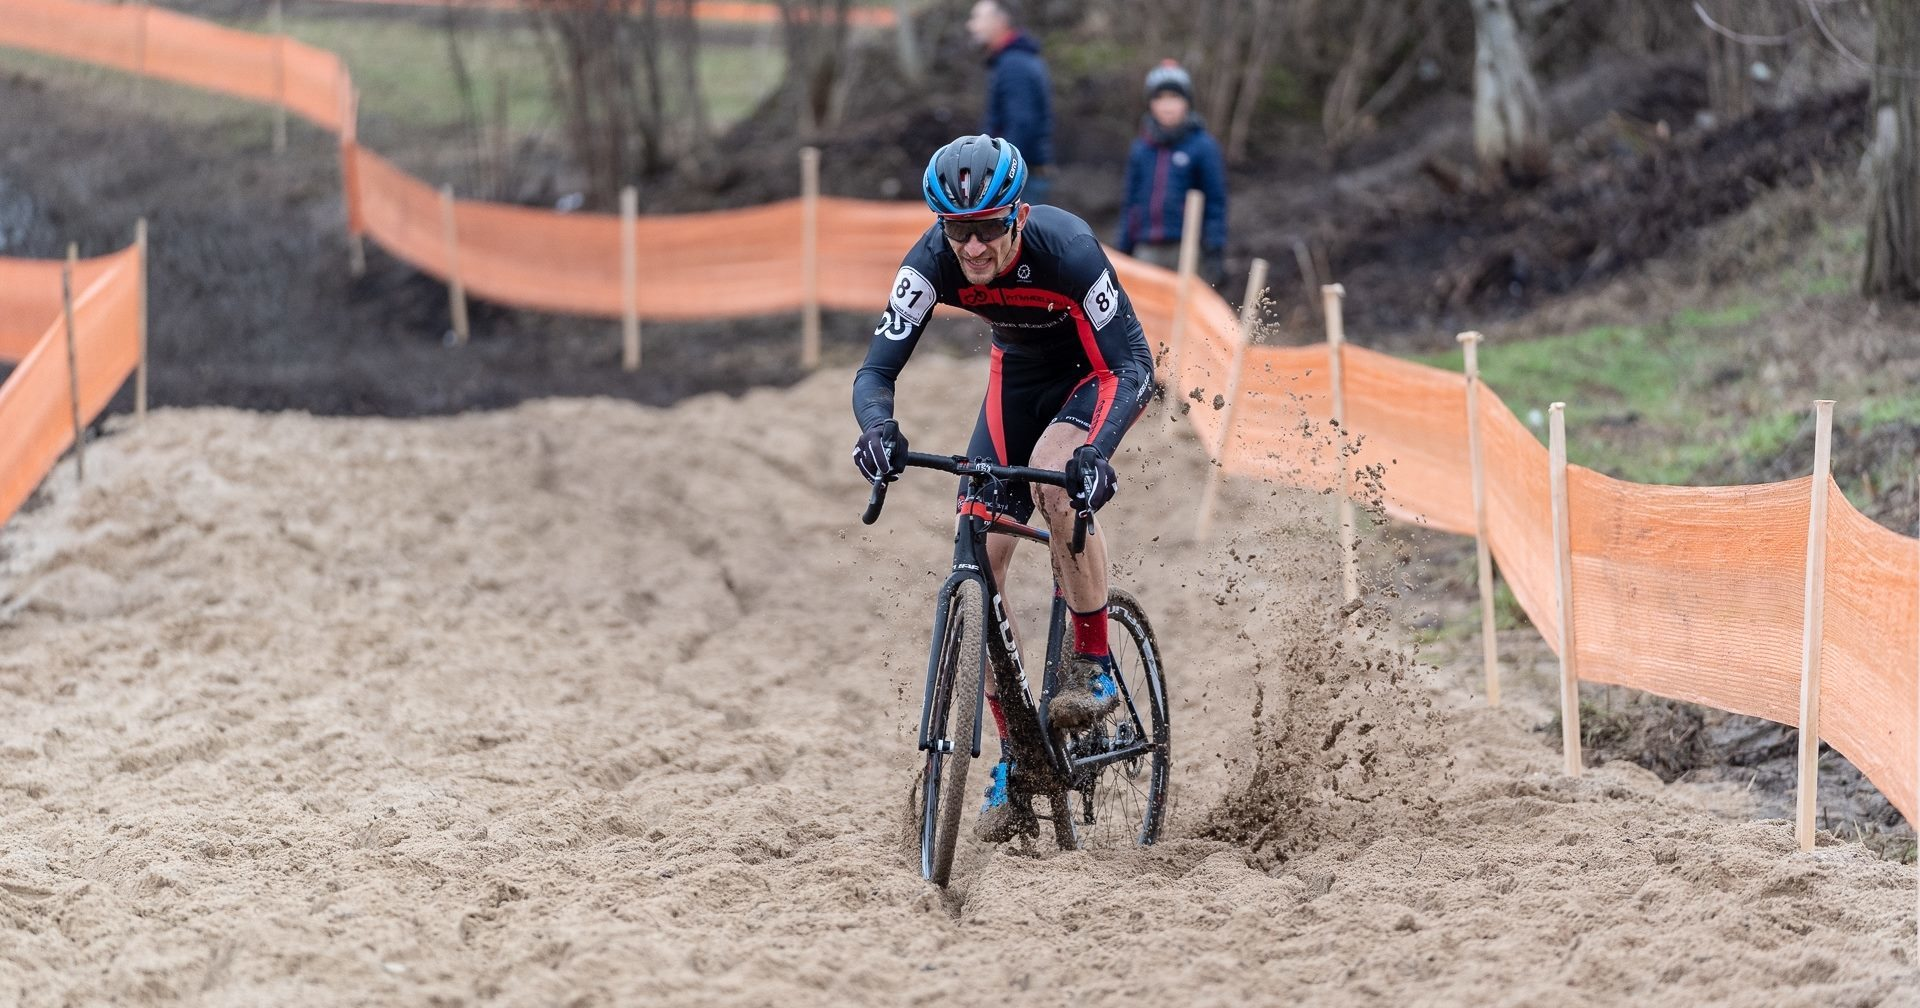 ♛ Szczepan Paszek (fitwheels.eu bikestacja.pl) ponownie Mistrzem Polski Masters w kolarstwie przełajowym